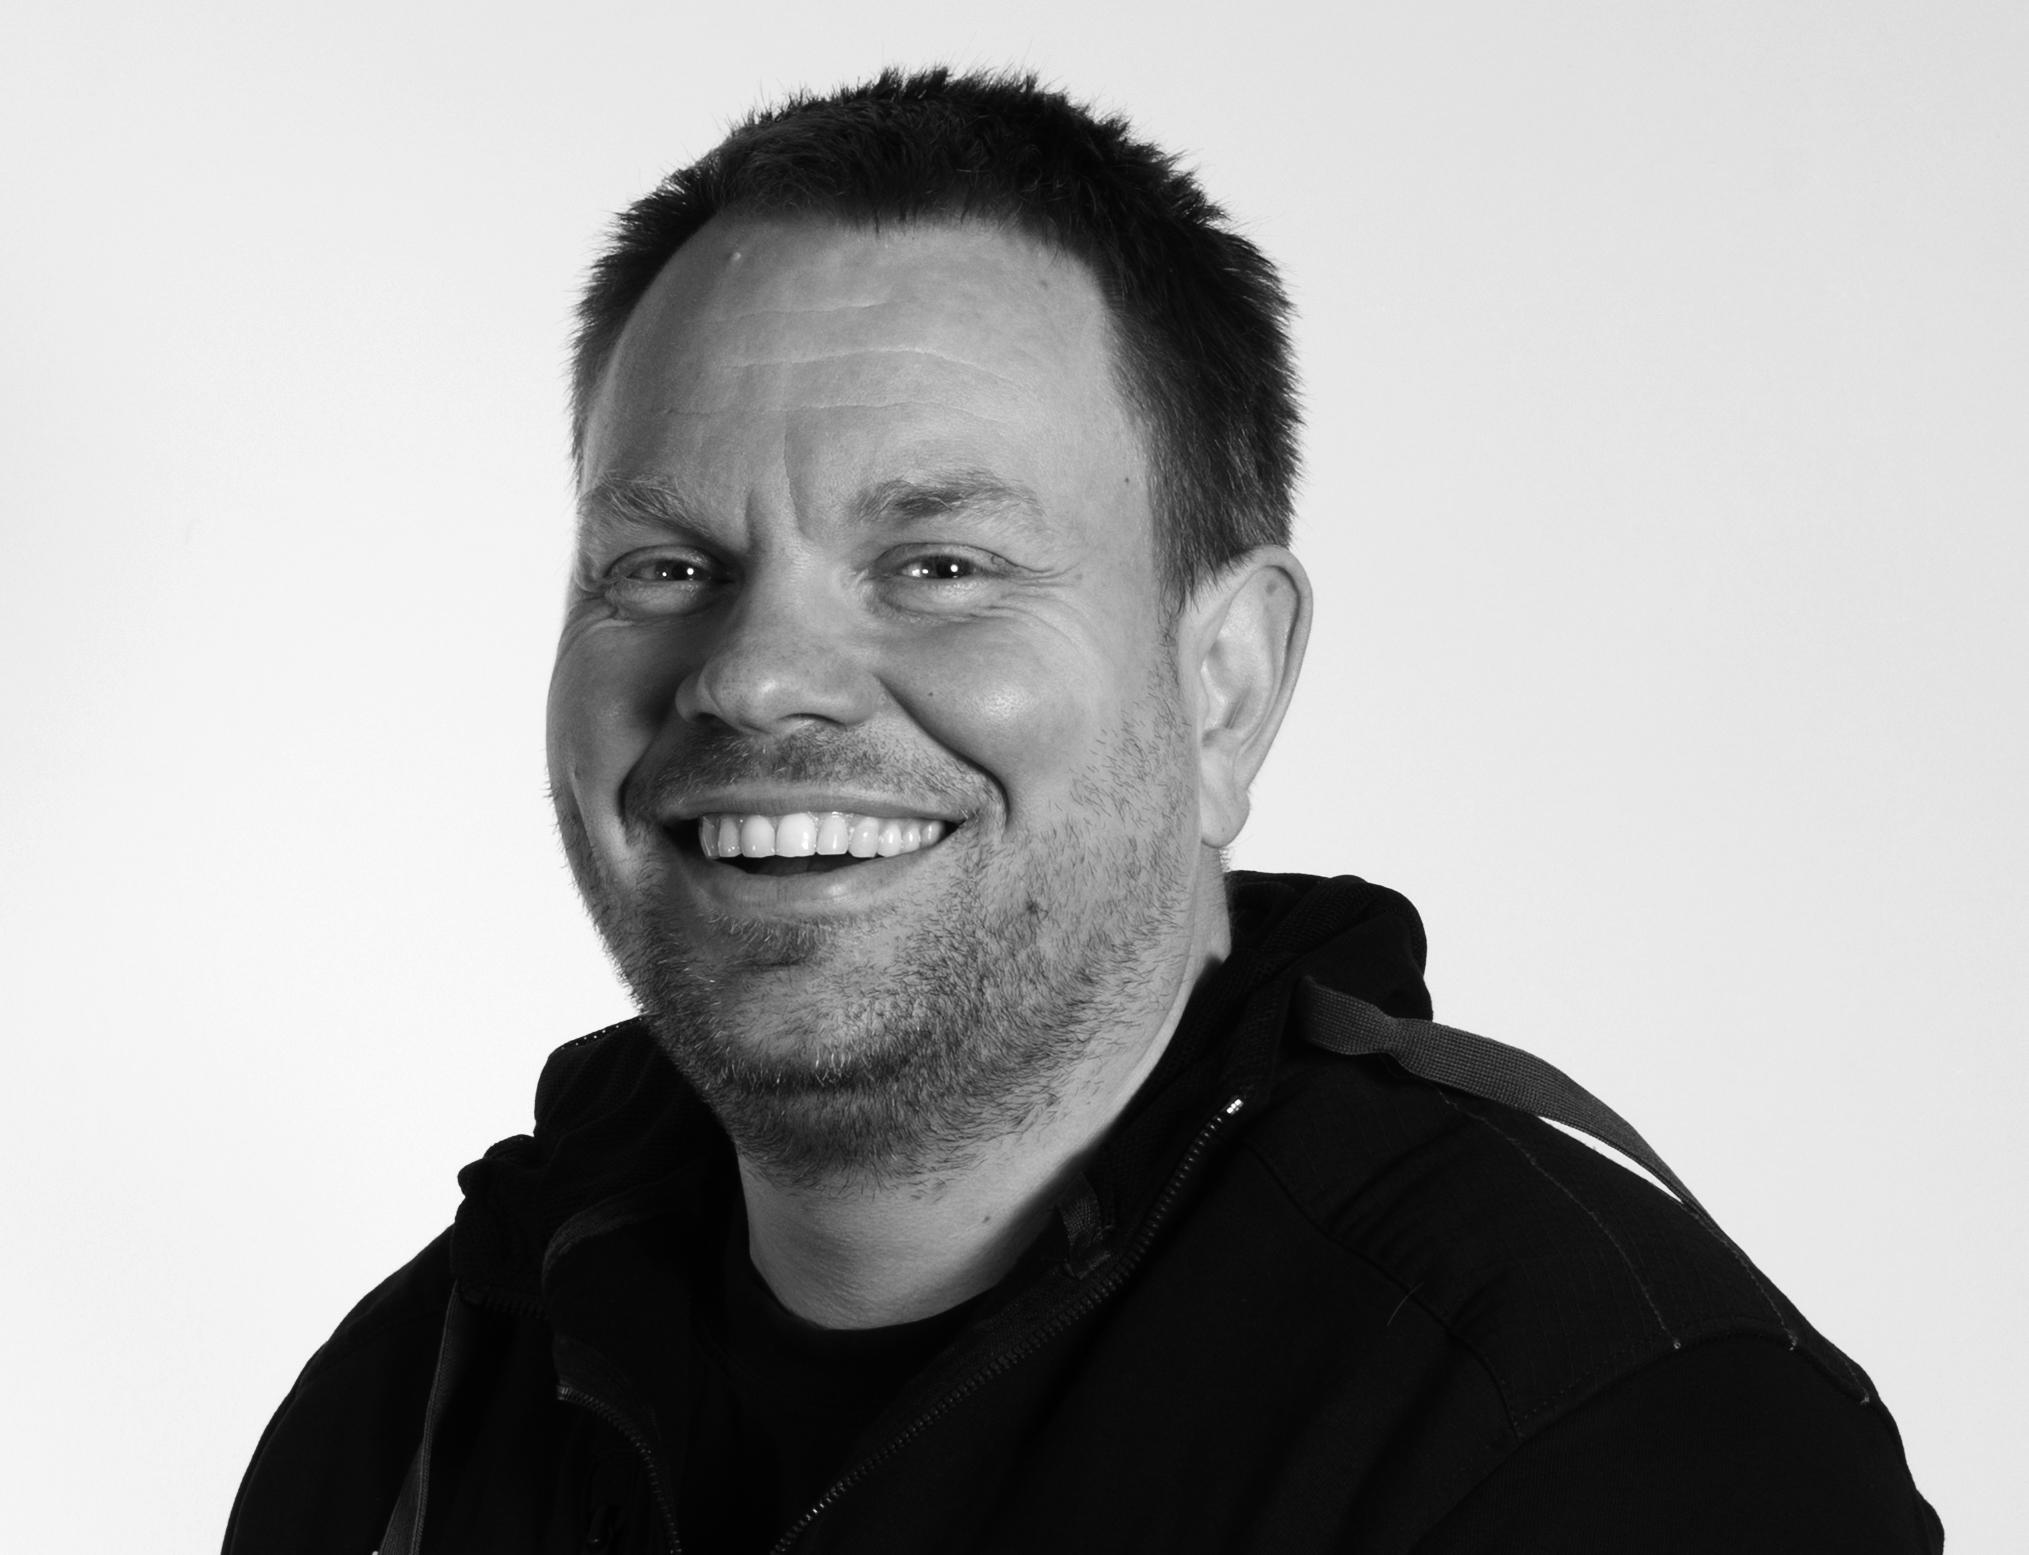 Jón Grétar Heiðarsson